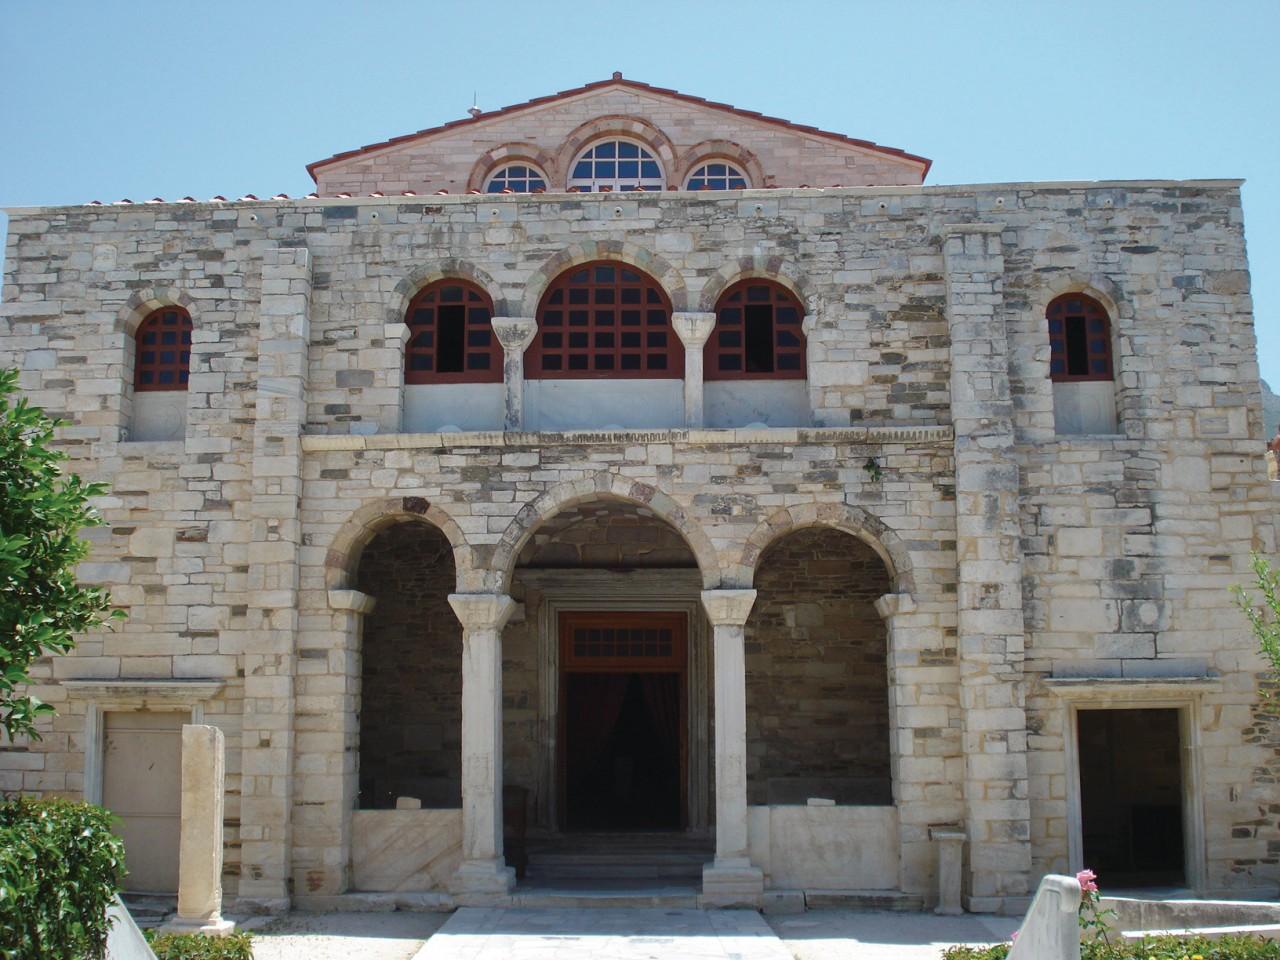 Panaghia Ektapoliani, l'un des monuments byzantins les plus importants de Grèce. (© Ana JOVETIC-VUCKOVIC))